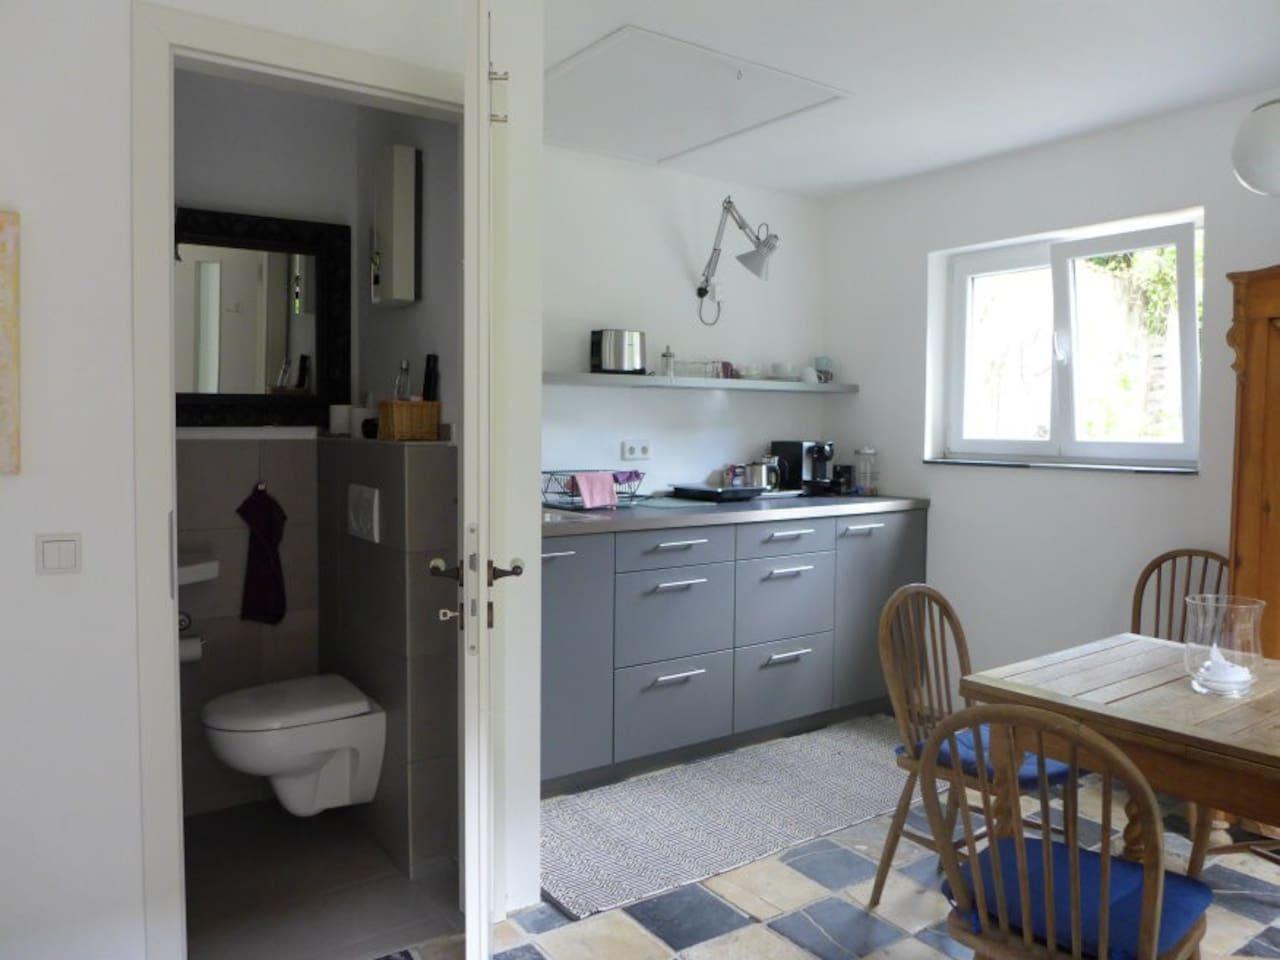 Kleines Haus im blauen Garten - Wohnungen zur Miete in Oberhausen ...